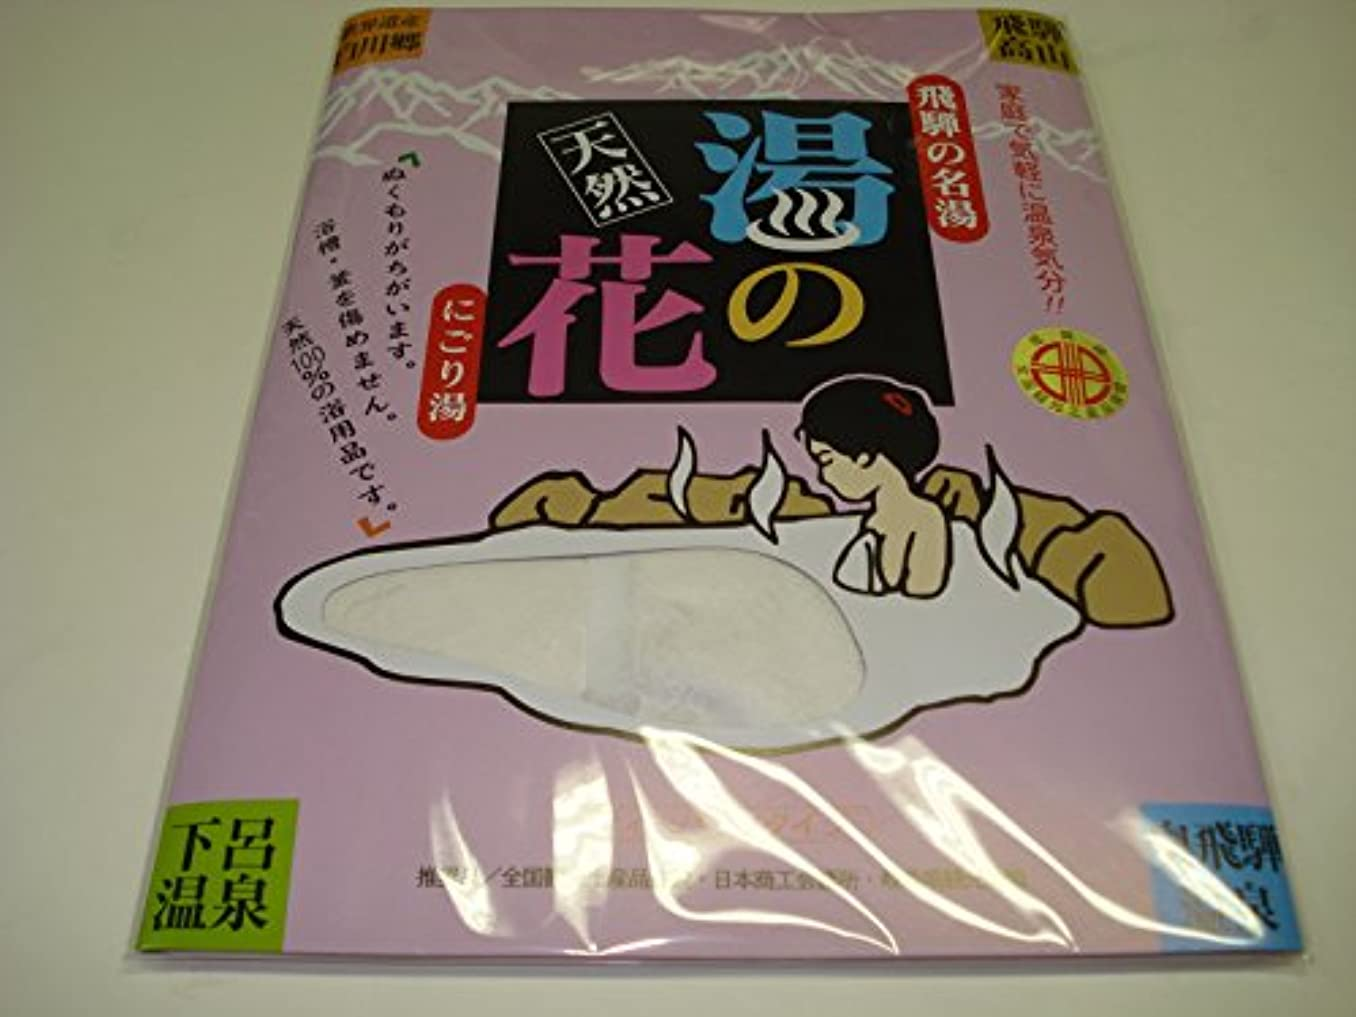 ネックレス寛容飛騨の名湯「天然湯の花」にごり湯 ティーパックタイプ(15g×10包)